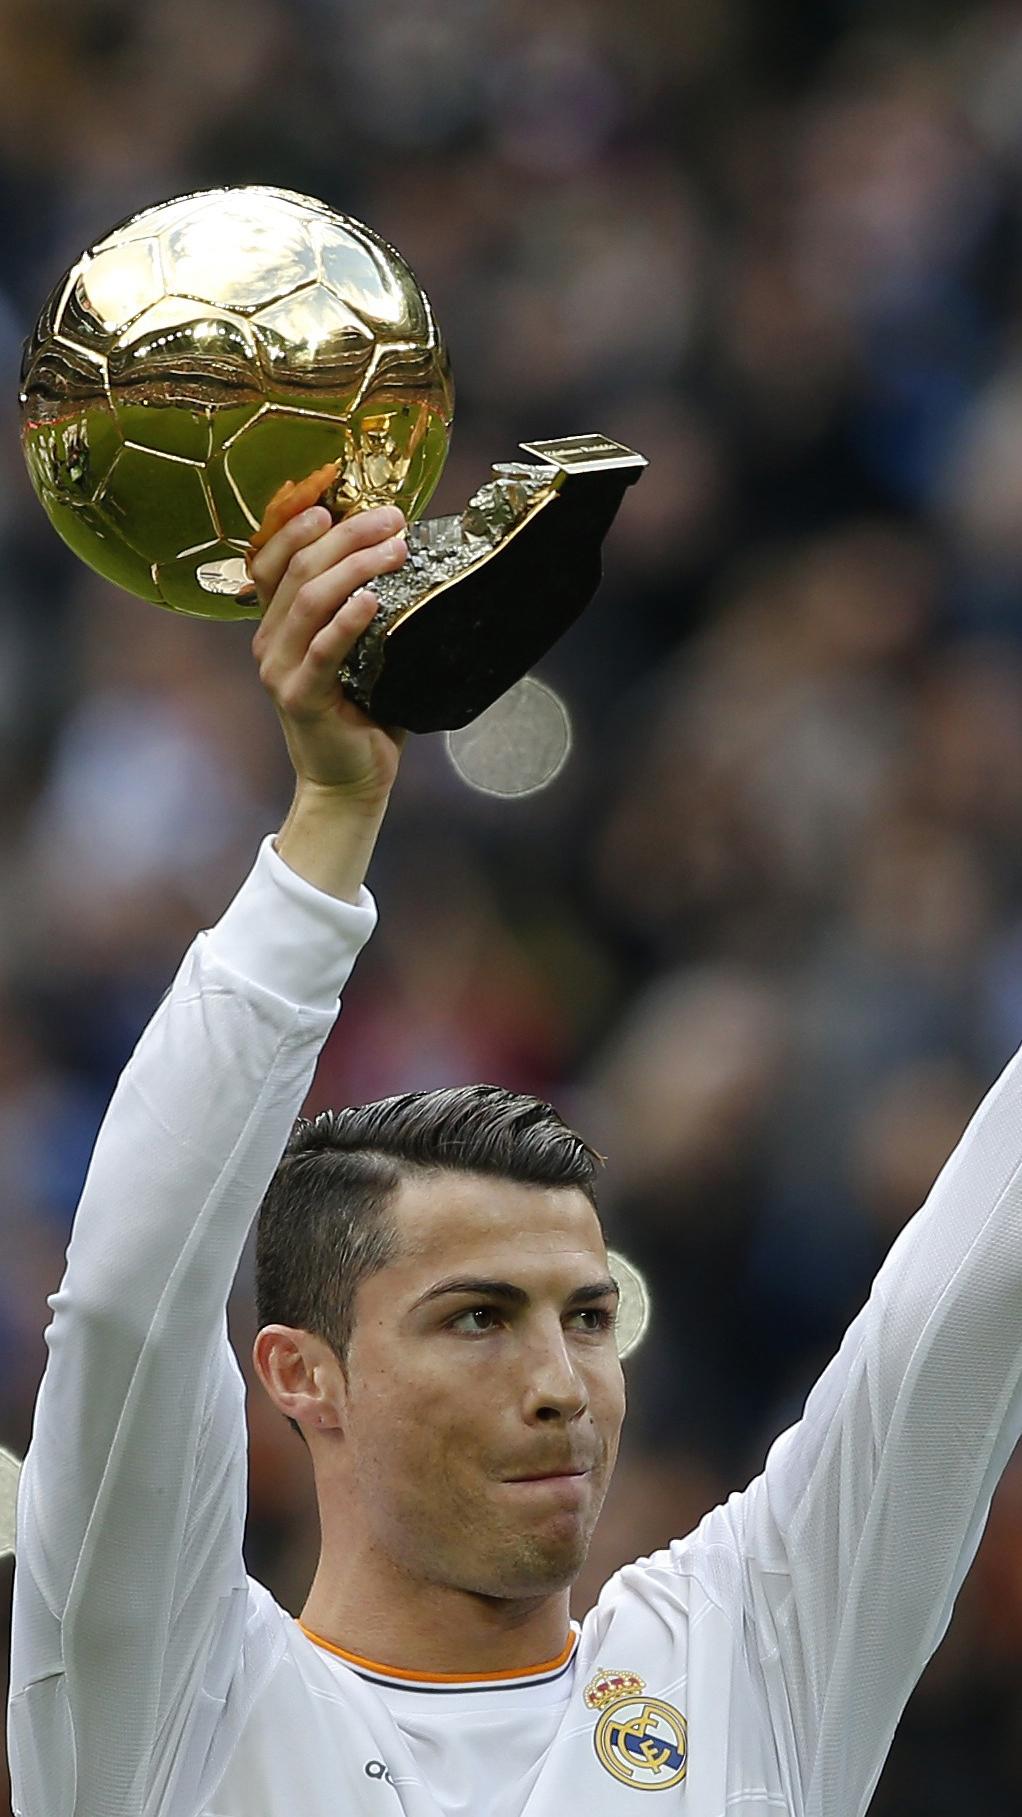 cristiano ronaldo ballon d or Cristiano Ronaldo Ballon dor